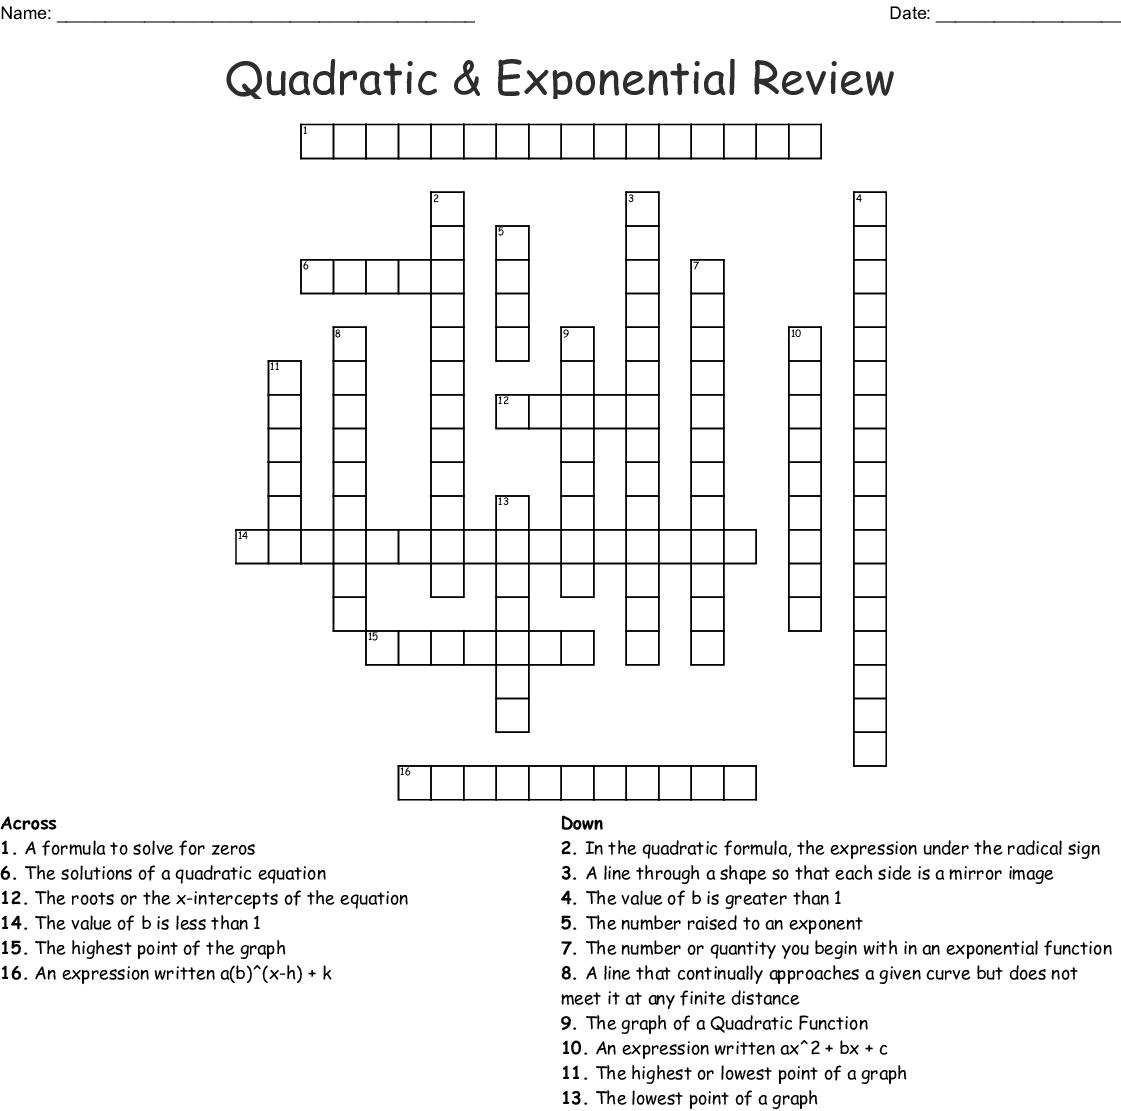 Quadratic Amp Exponential Review Crossword